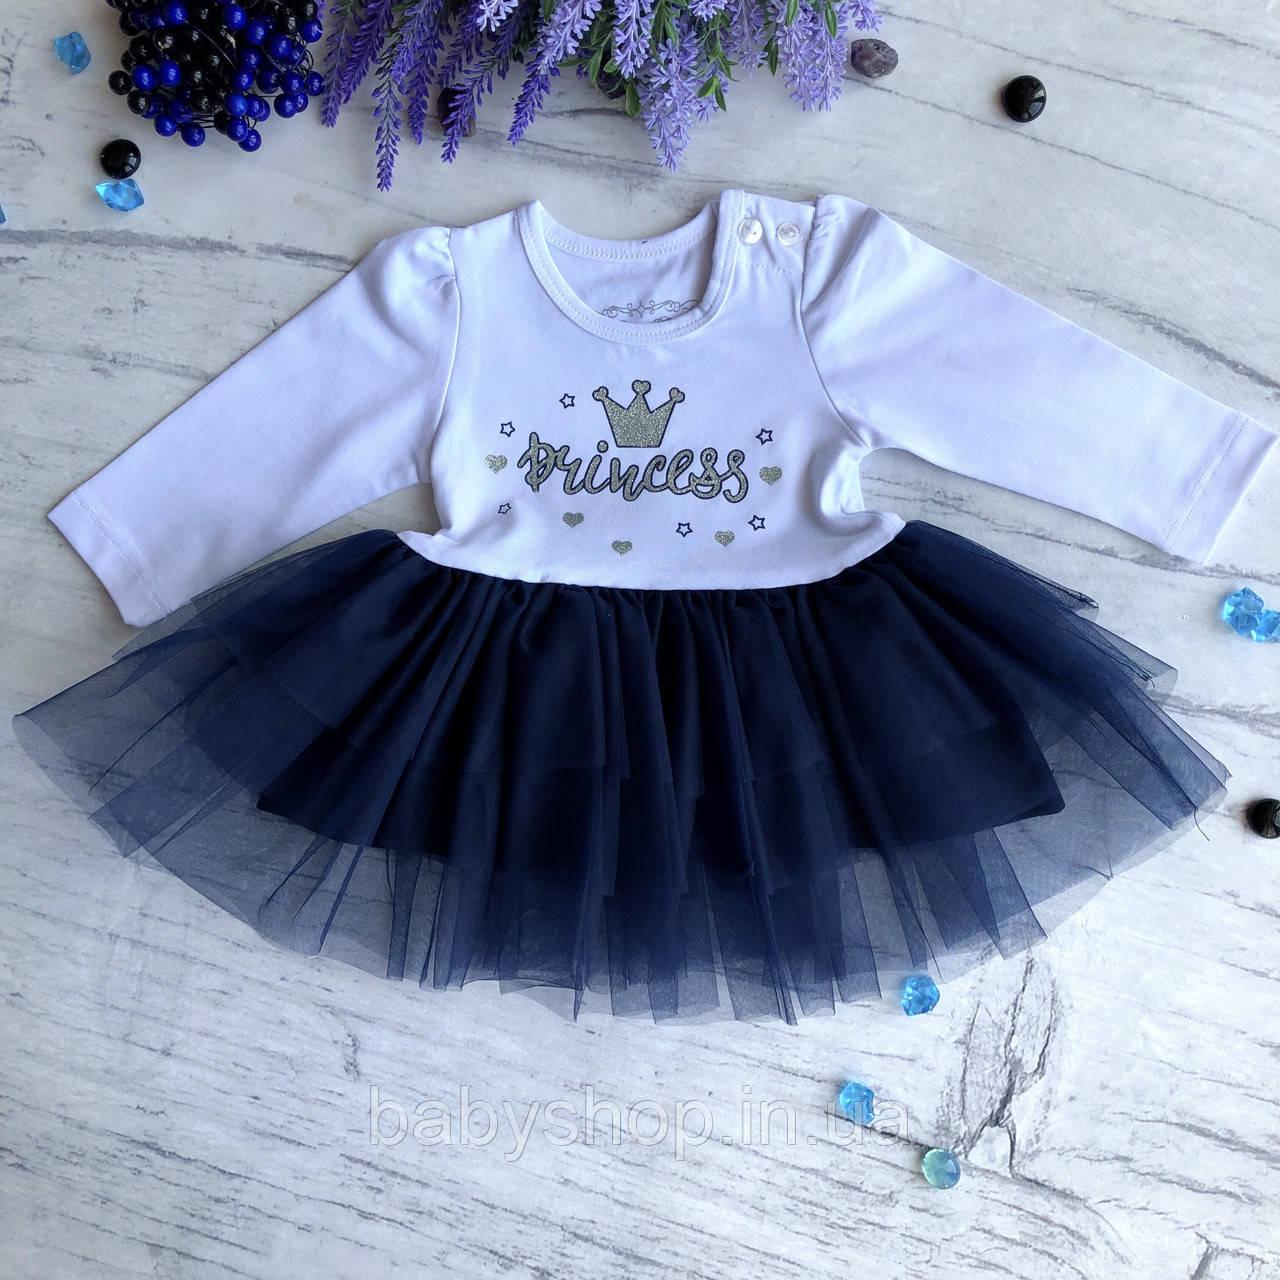 Легкое детские платье Breeze 99. Размер 86 (1.5года)